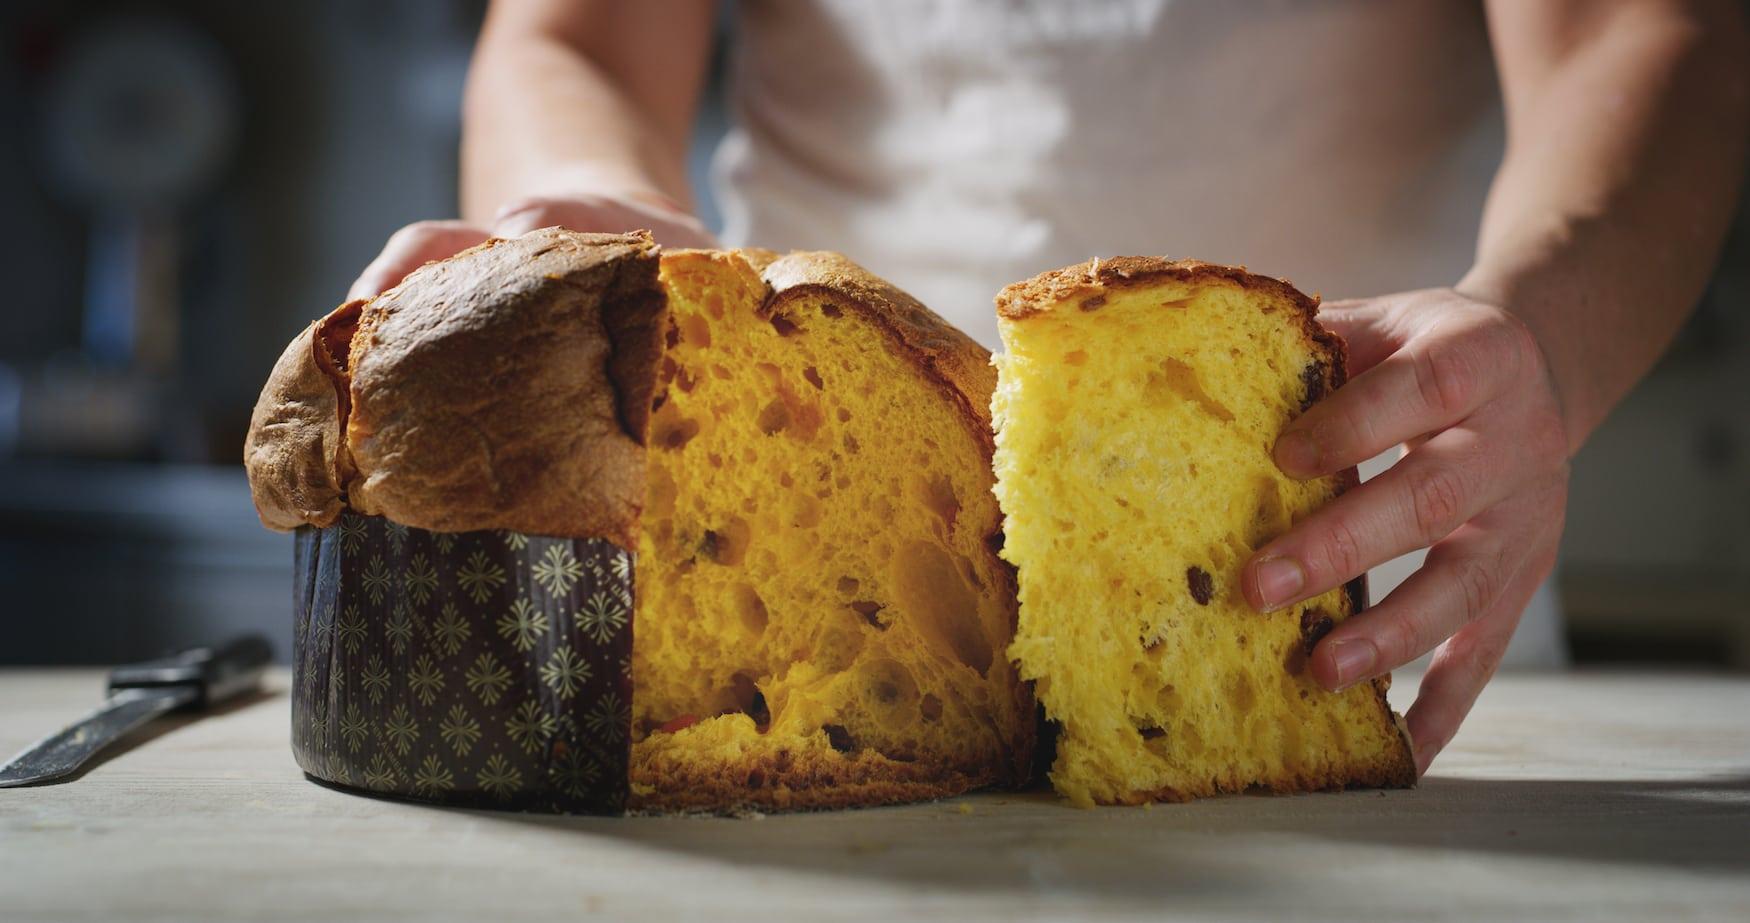 Bäcker schneidet italienische Panettone auf